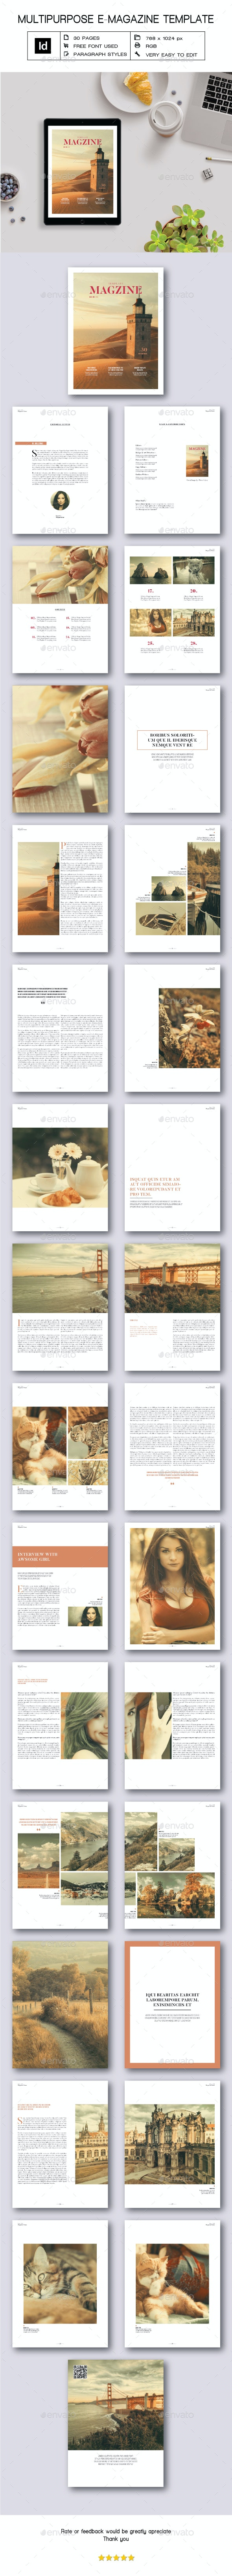 Multipurpose E-Magazine V - Digital Magazines ePublishing